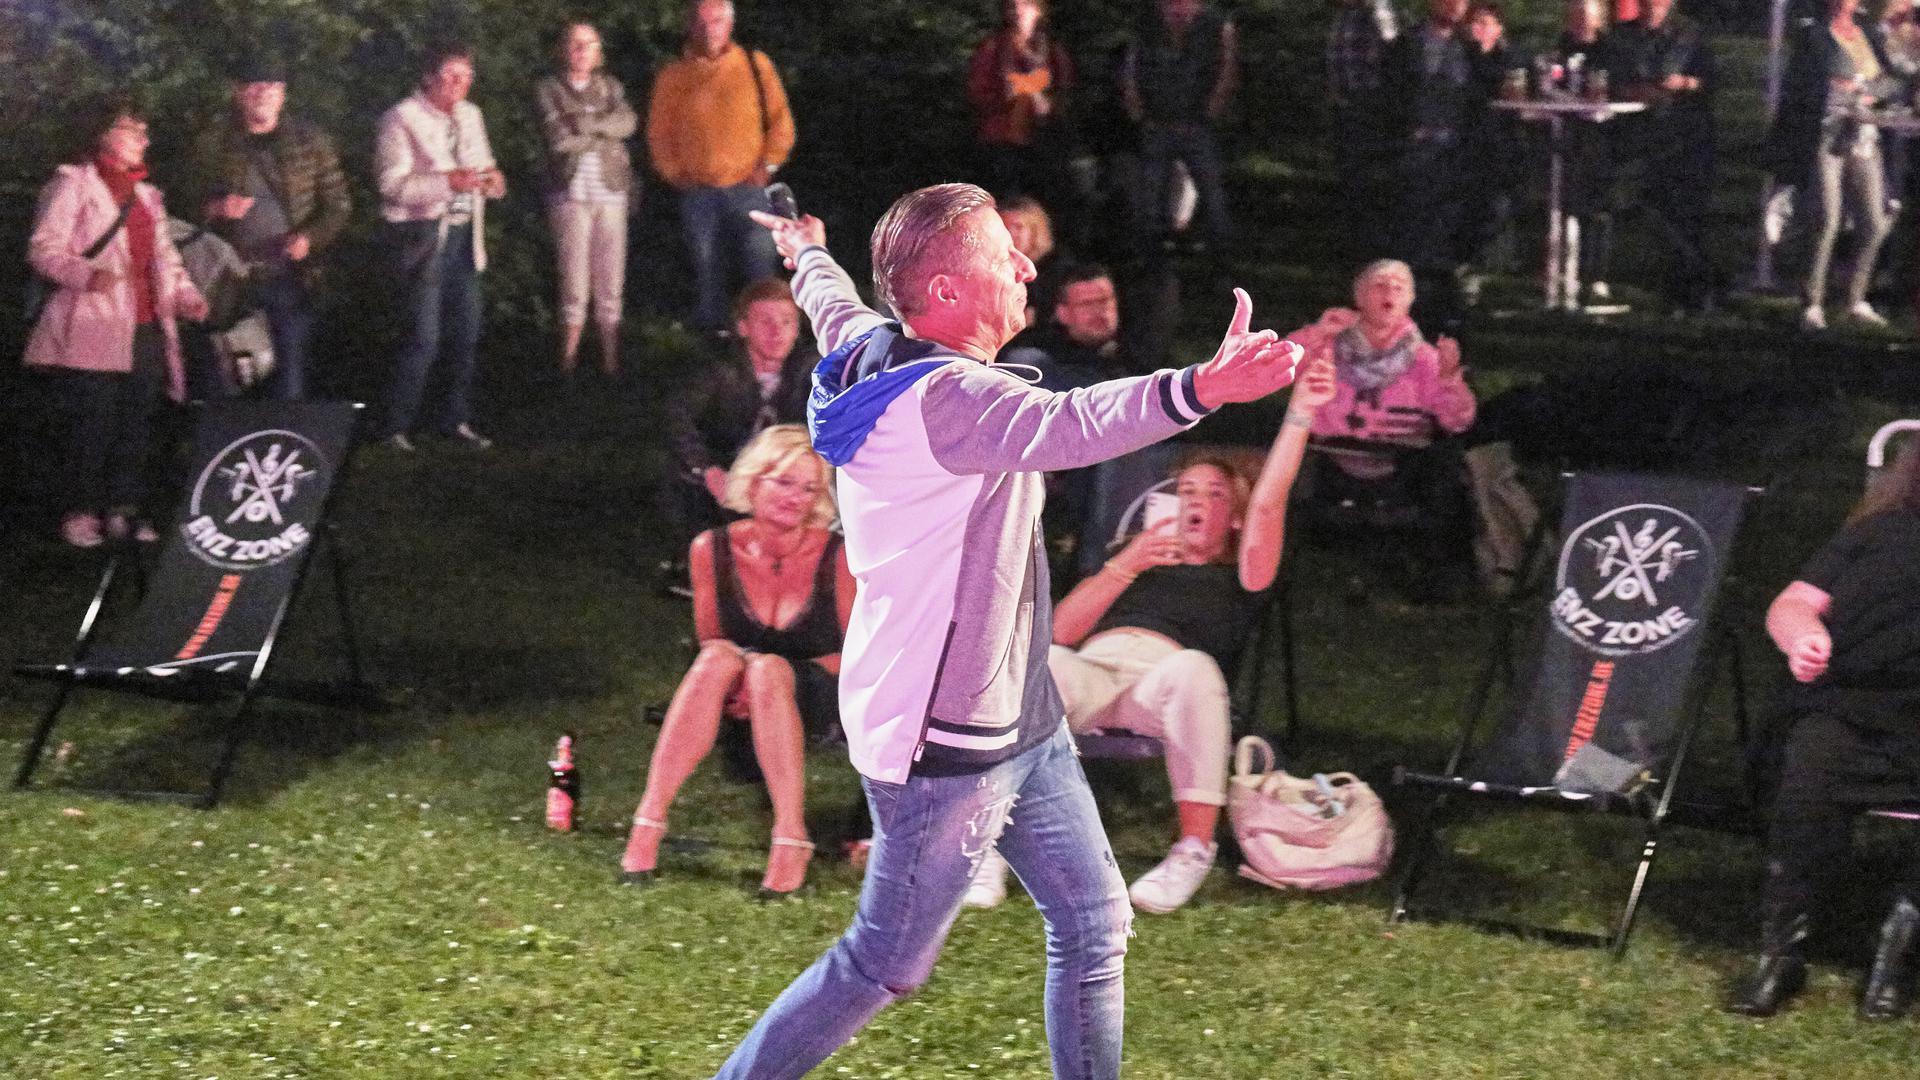 Jörg Augenstein singt beim Benefizkonzert im Nieferner Freibad zu Gunsten der Flutopfer in Rheinland-Pfalz und Nordrhein-Westfalen